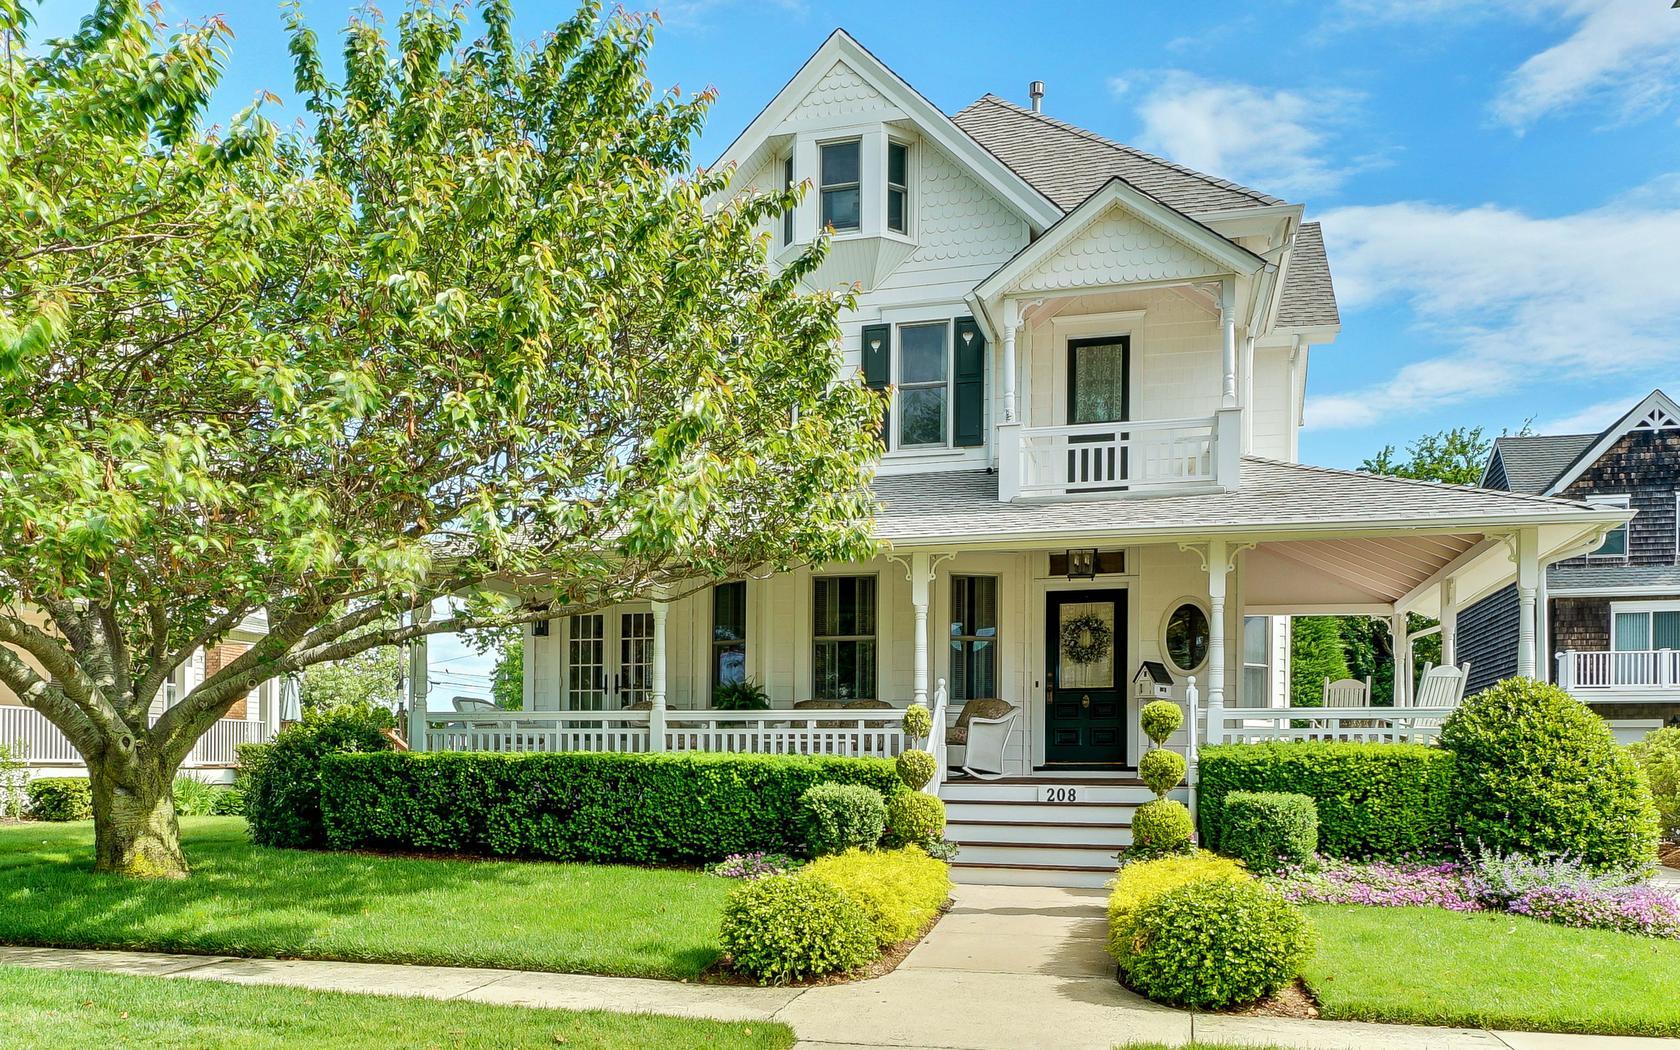 Частный односемейный дом для того Продажа на Unrivaled Victorian! 208 2nd Avenue Belmar, Нью-Джерси 07719 Соединенные Штаты